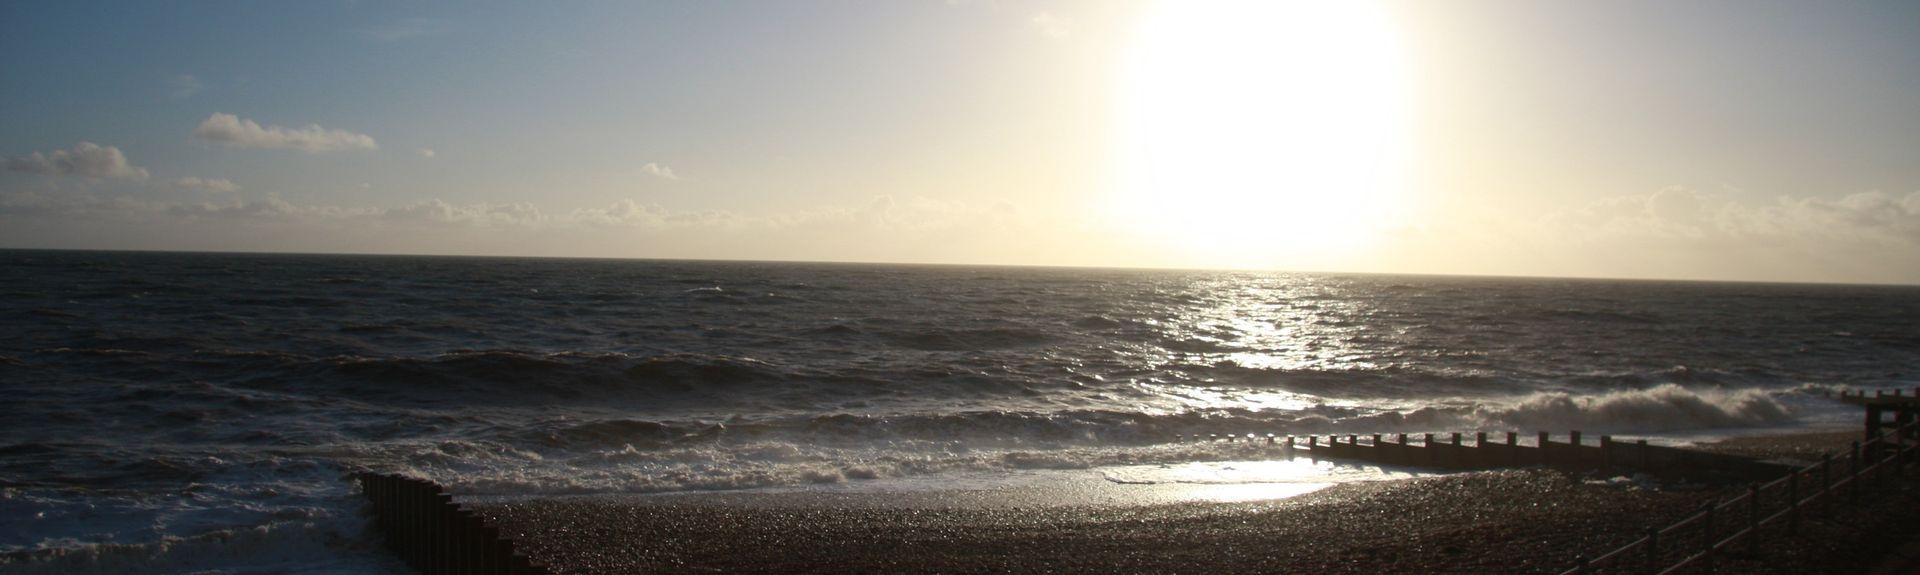 Eastbourne Pier, Eastbourne, Engeland, Verenigd Koninkrijk